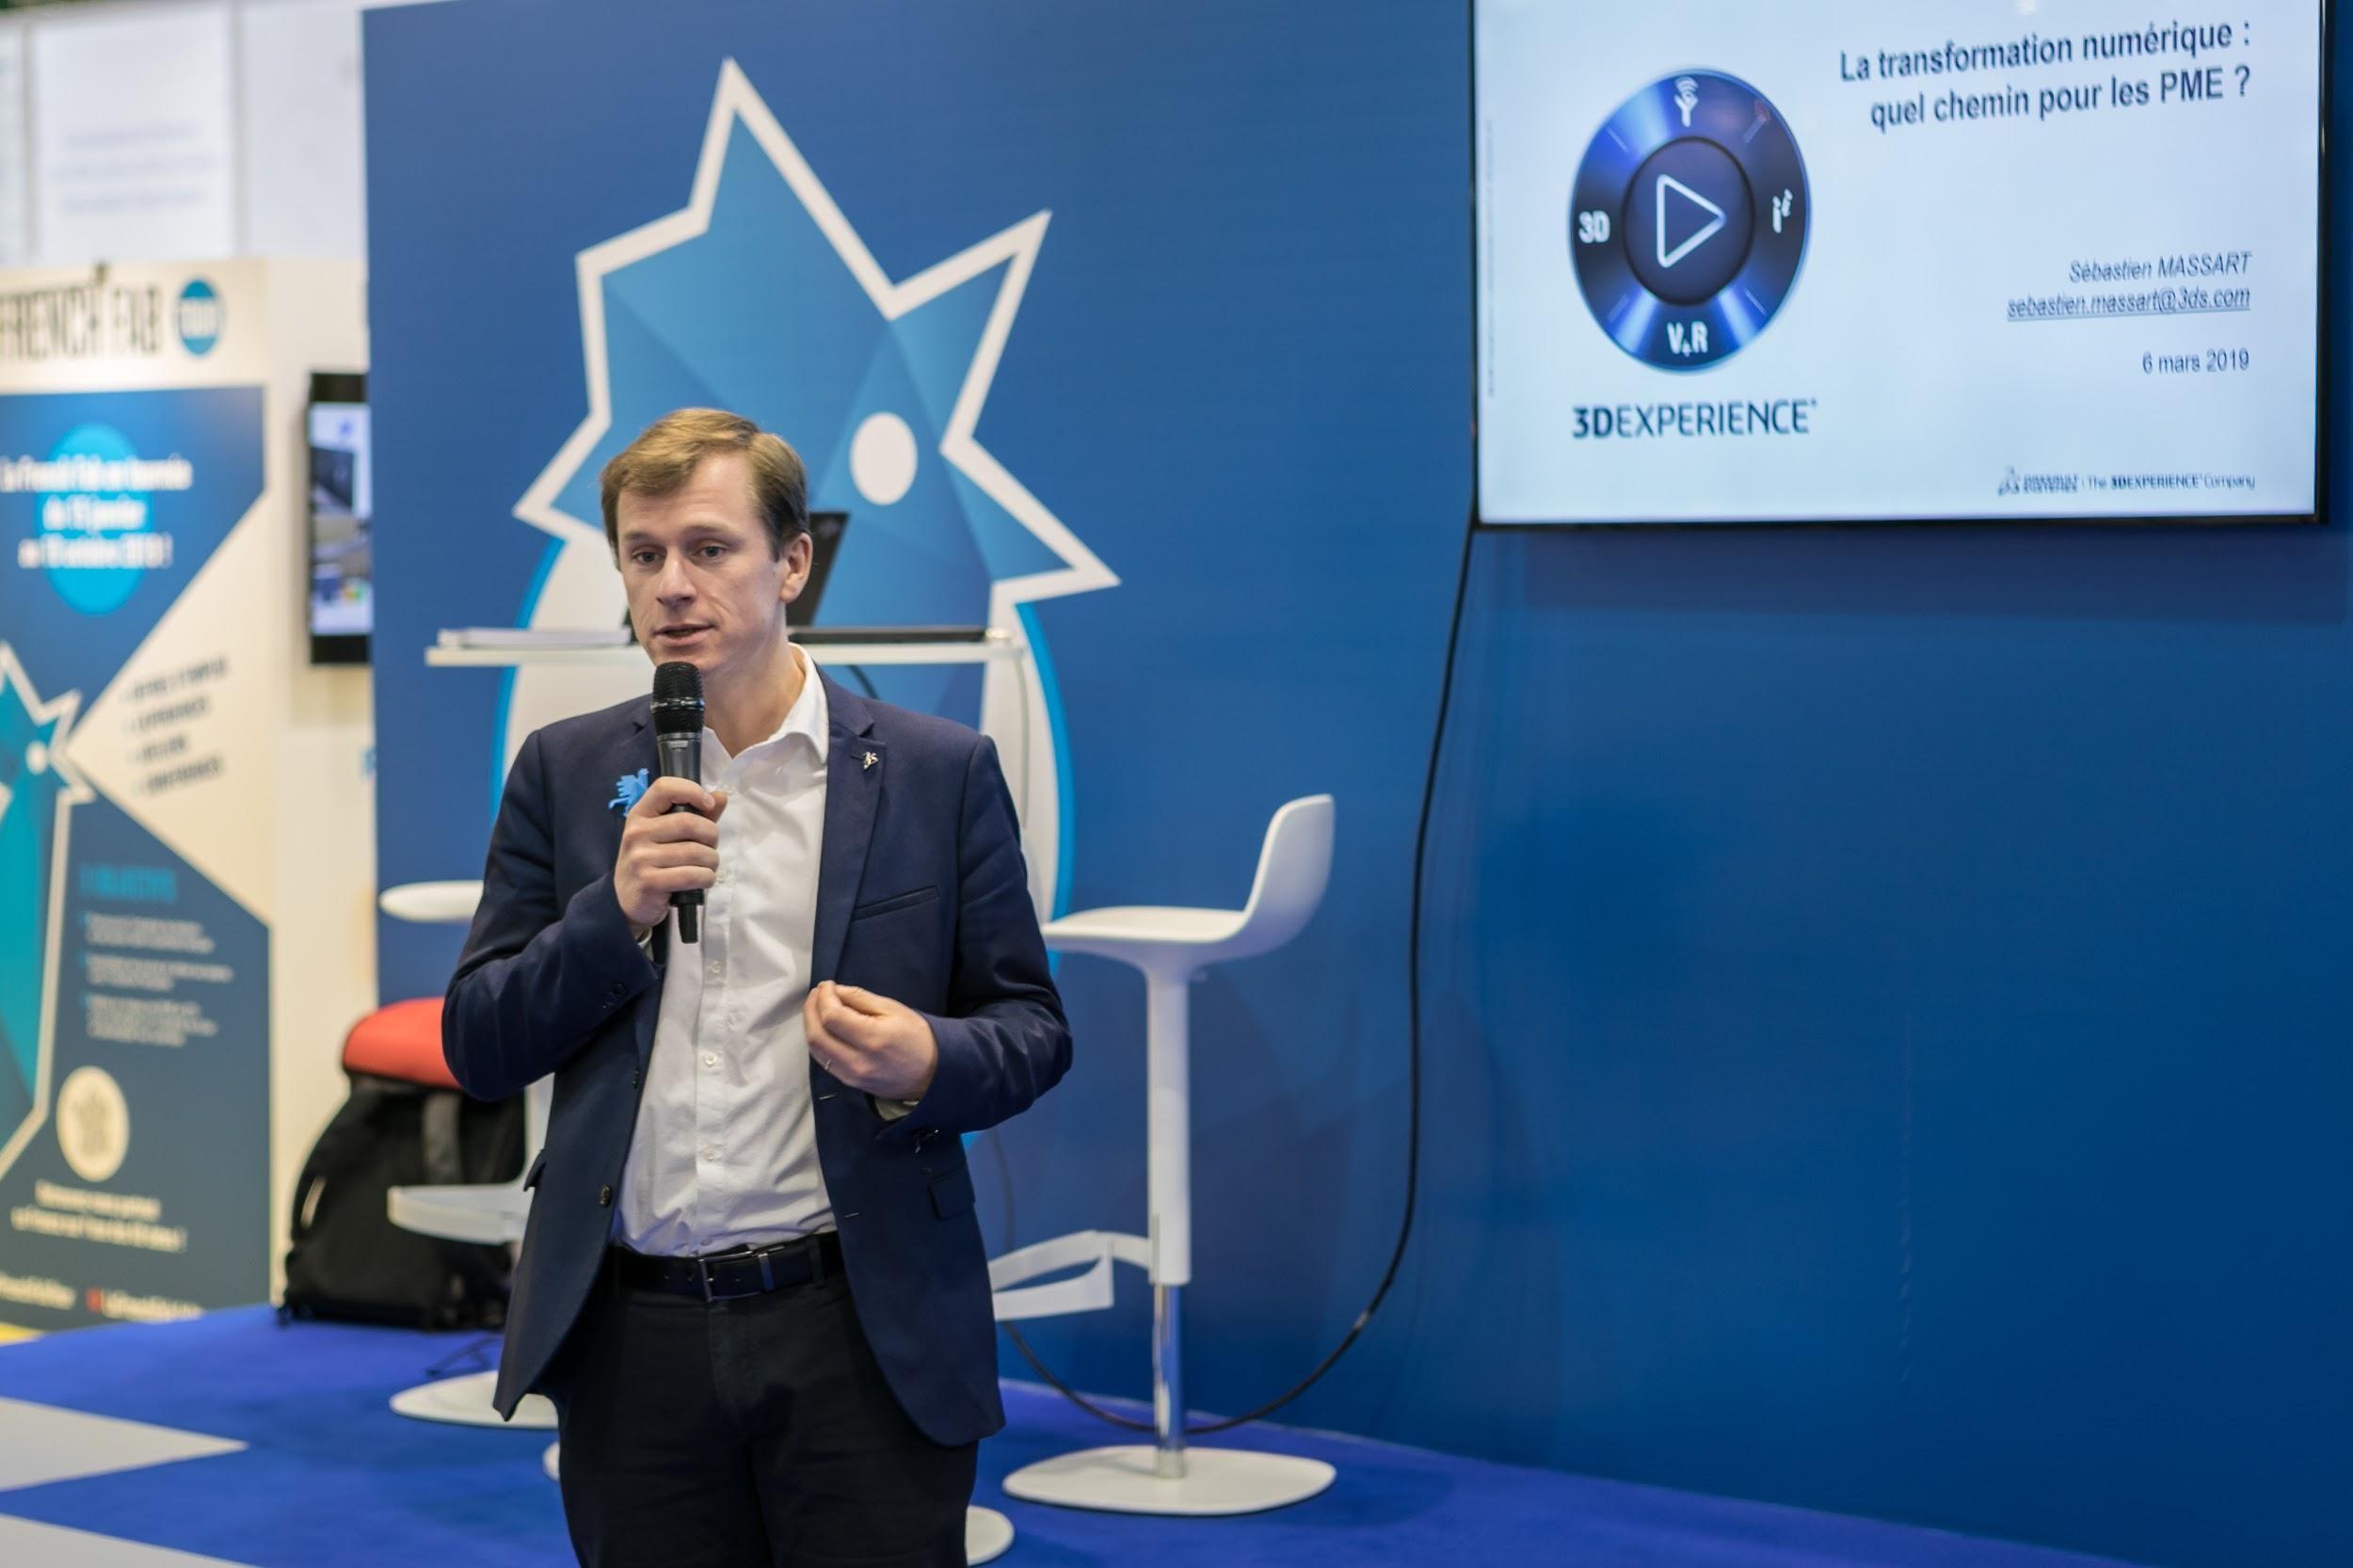 """new product 0c07b 2d406 Sébastien Massart, Directeur de la Stratégie de Dassault Systèmes, explique  que """"l élément fondamental de toute réflexion d une PME sur sa  transformation, ..."""